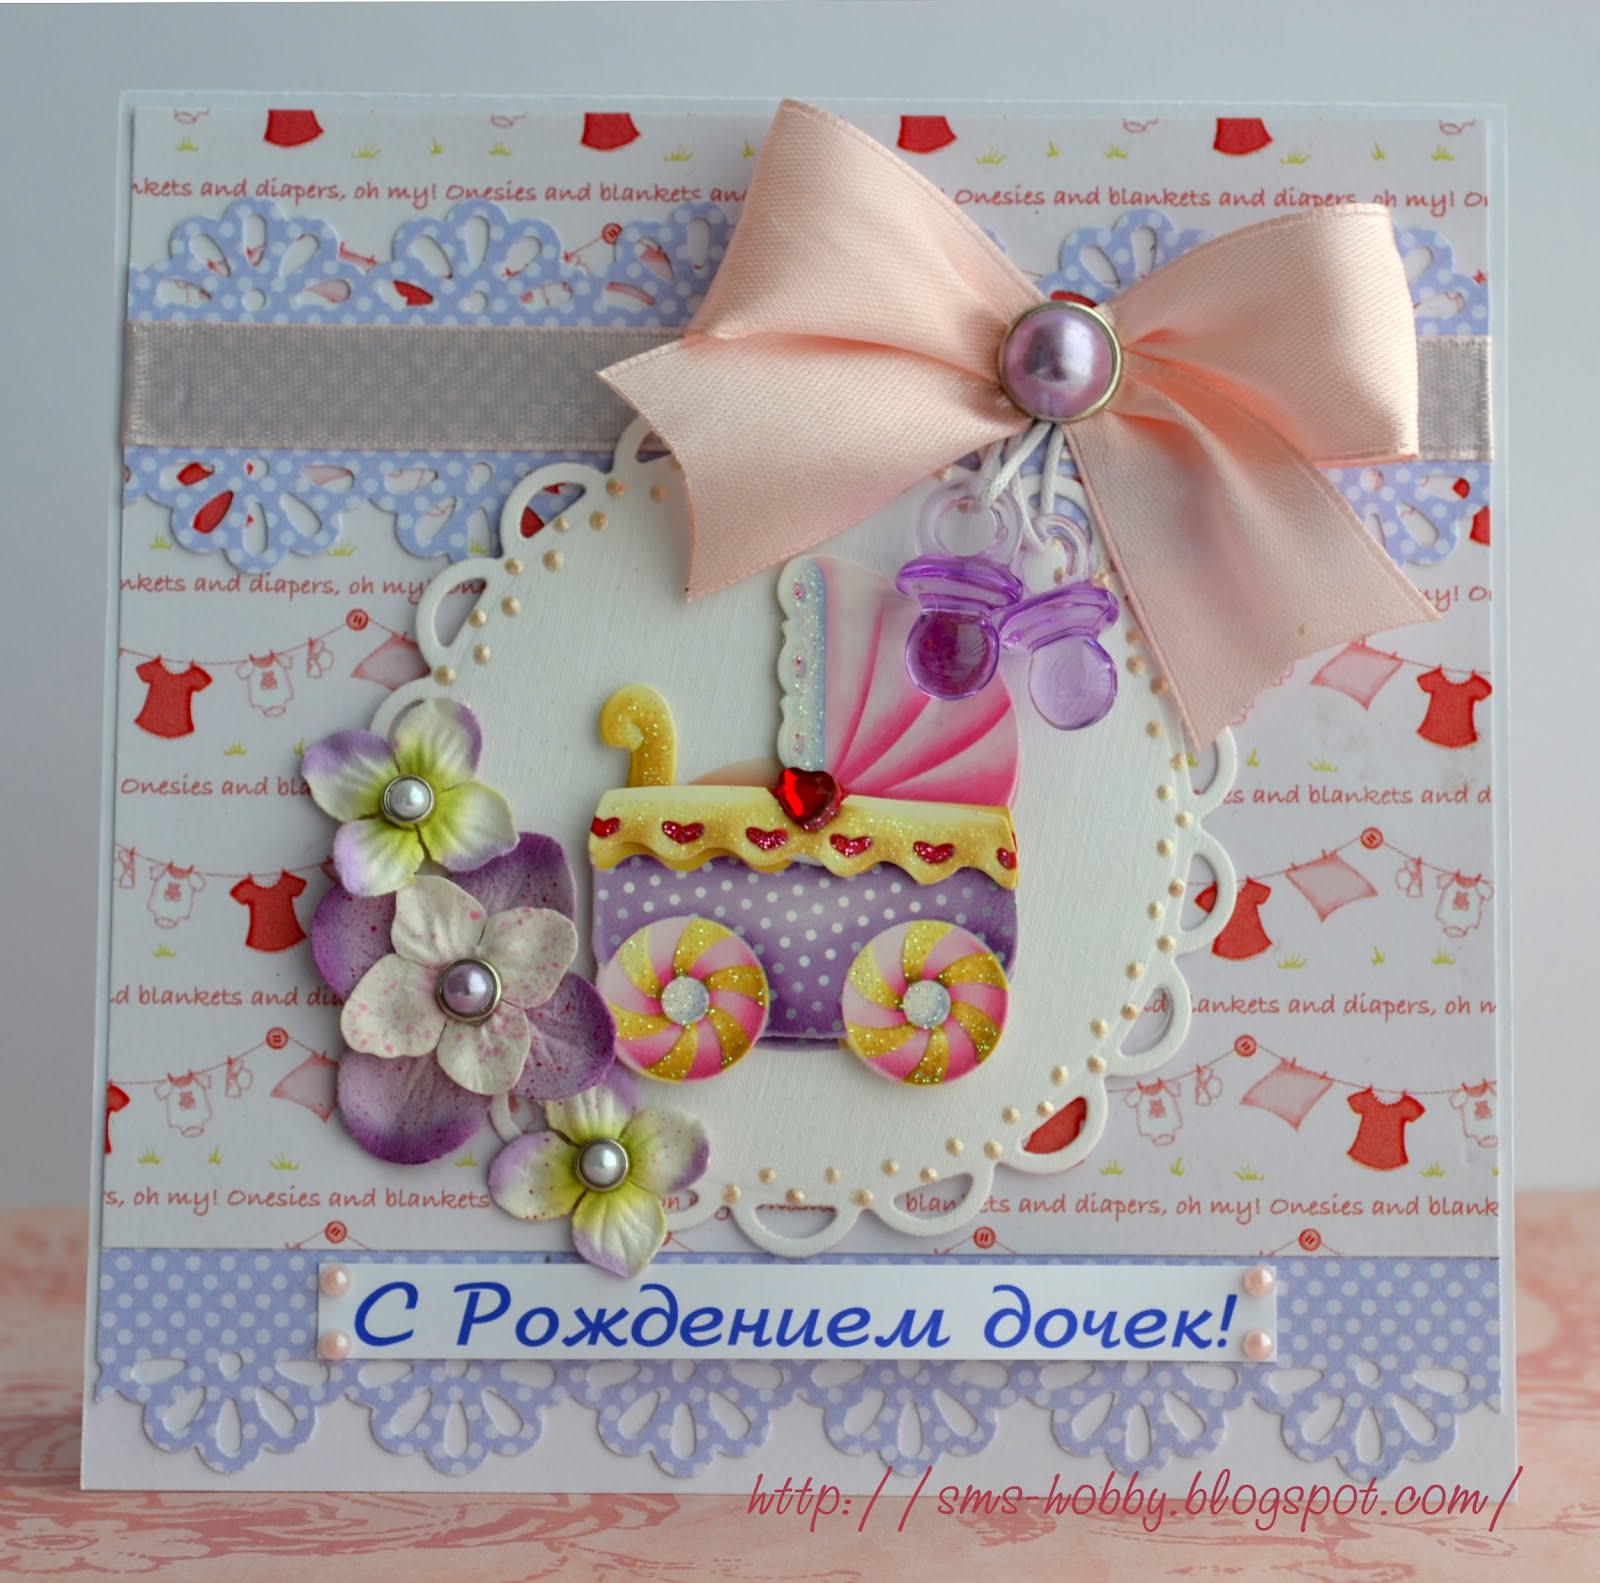 Поздравления с рождением доченьки для мамы в прозе своими словами